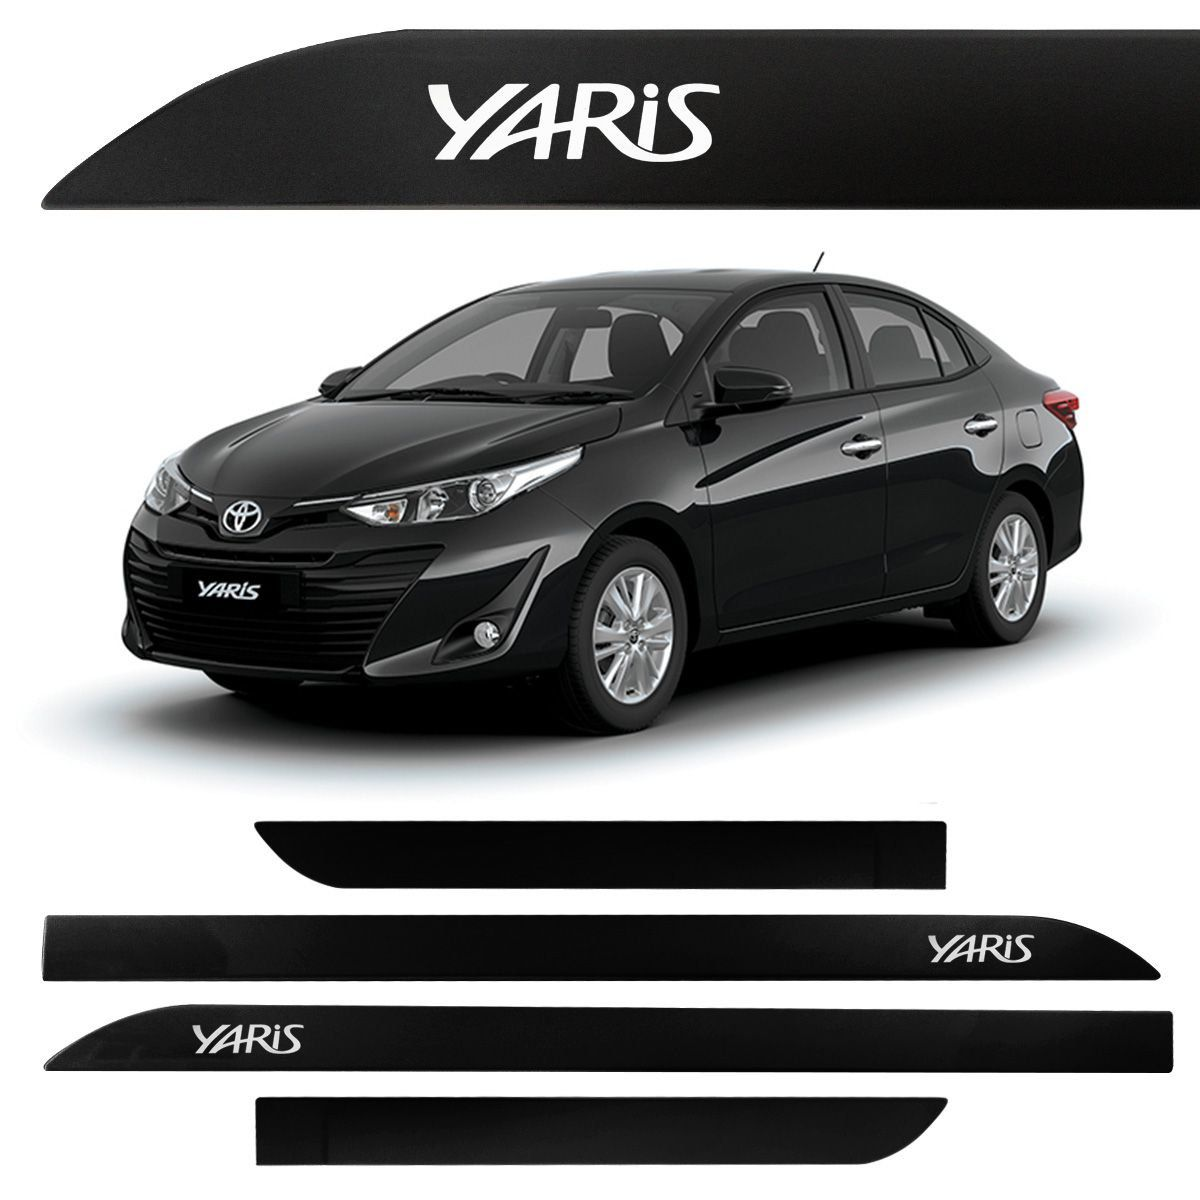 Jogo Friso Lateral Toyota Yaris Preto Infinito